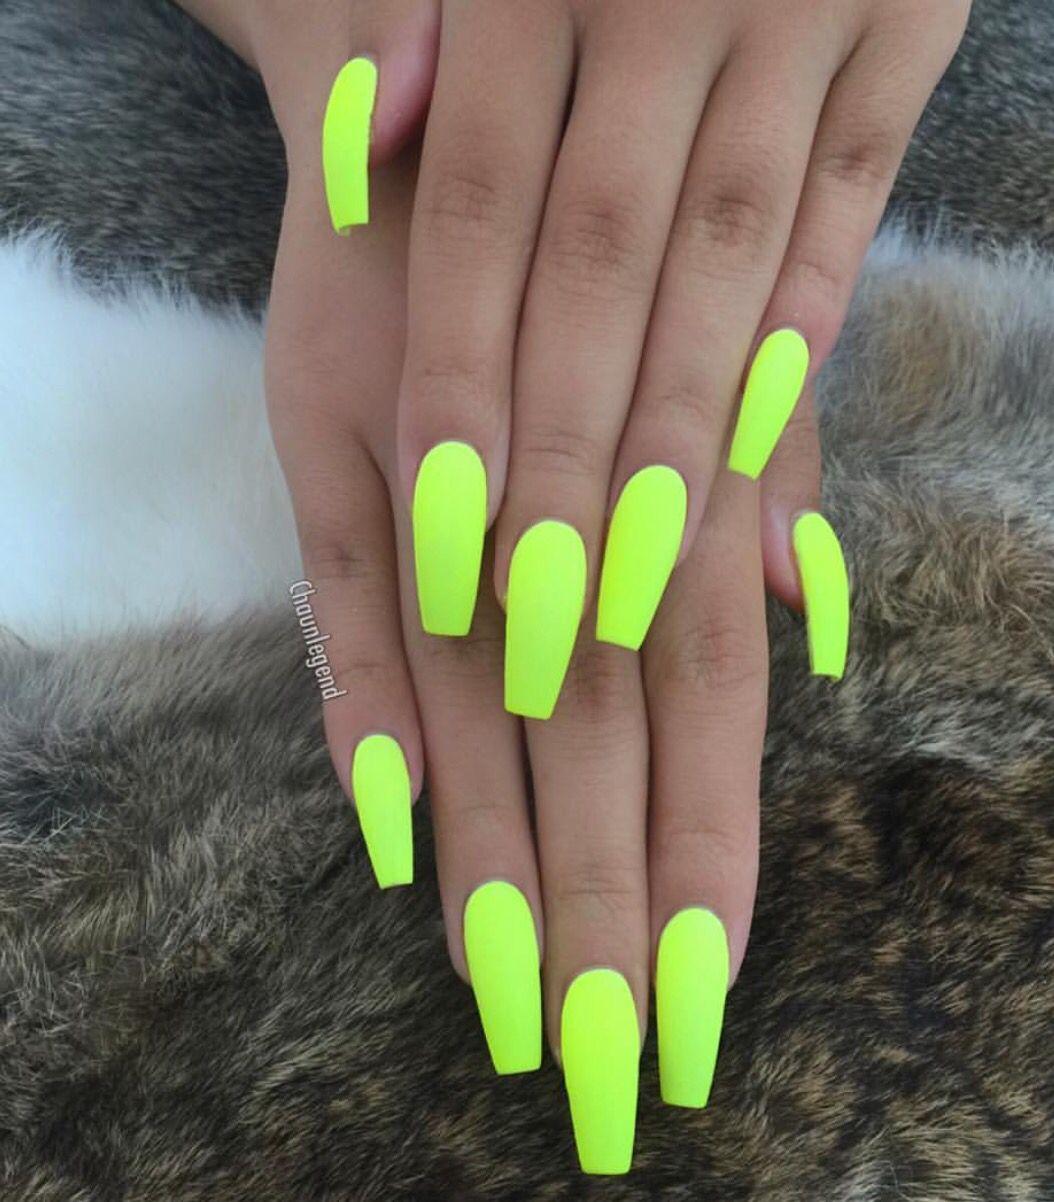 Summer Neon Nails | Mani Pedi | Pinterest | Neon nails ...